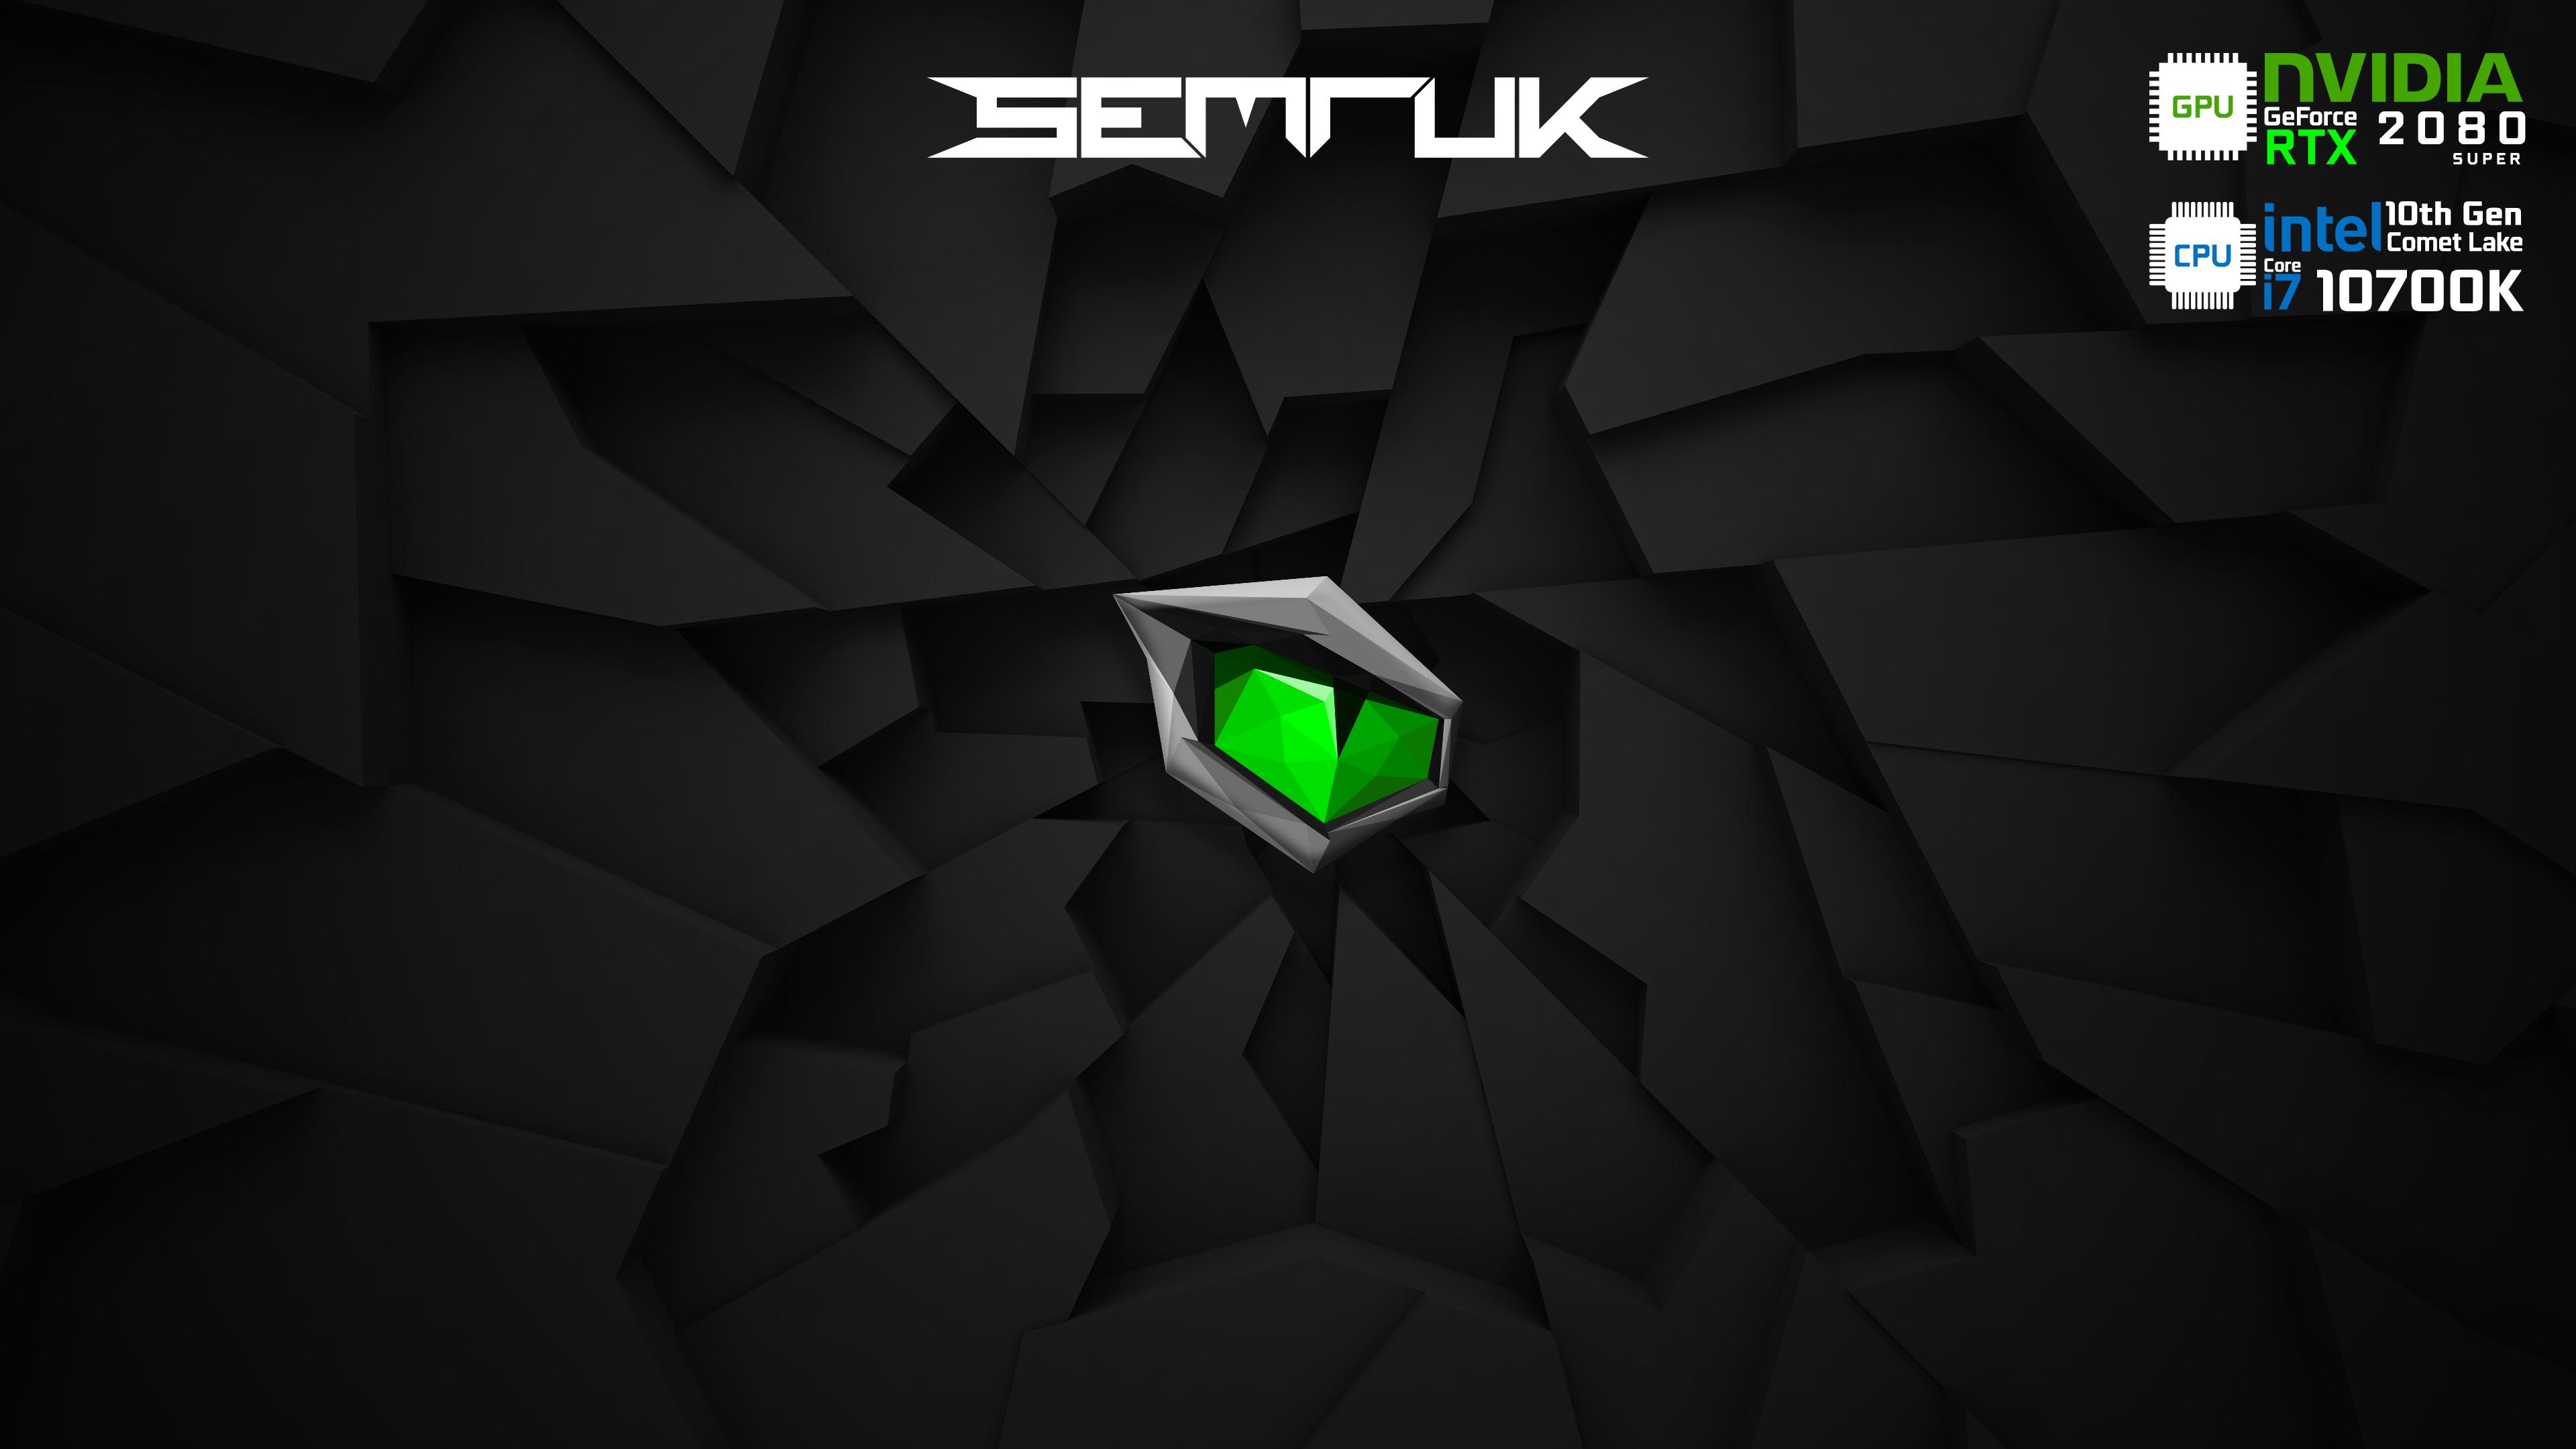 Monster - Semruk - 2080SUPER - i7 - 10700K